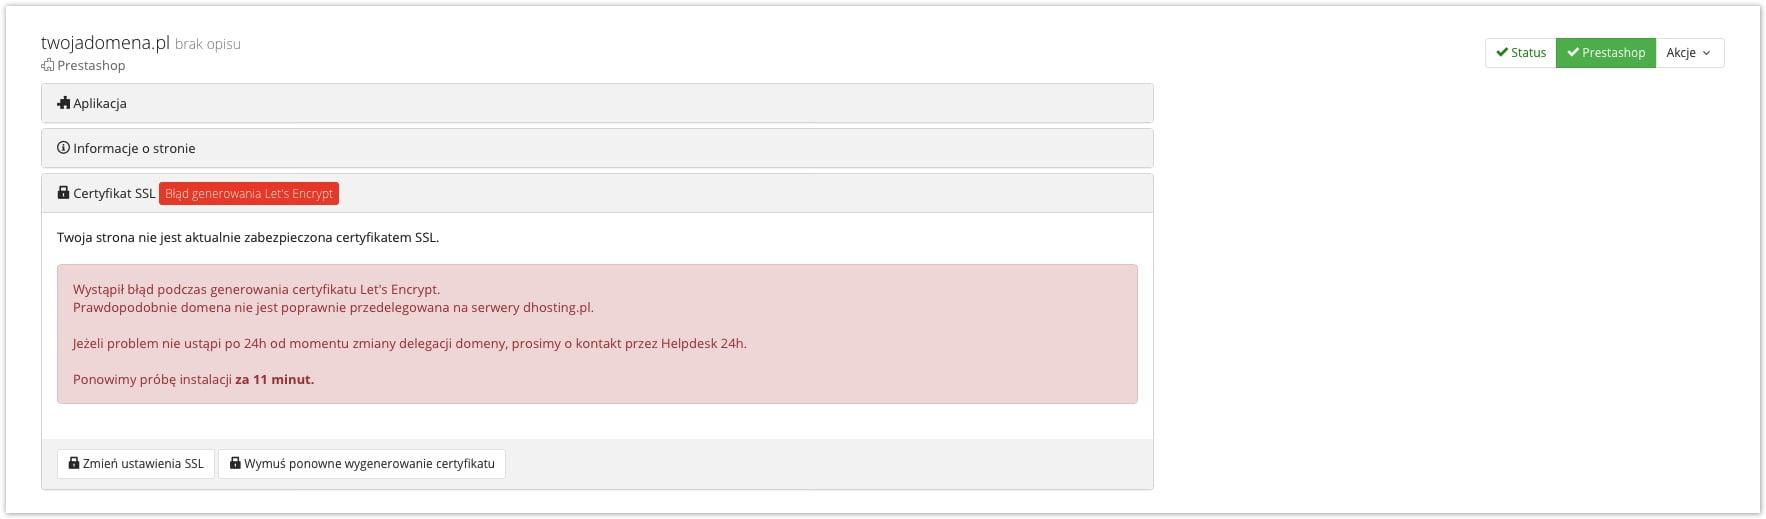 błąd podłączenia certyfikatu ssl